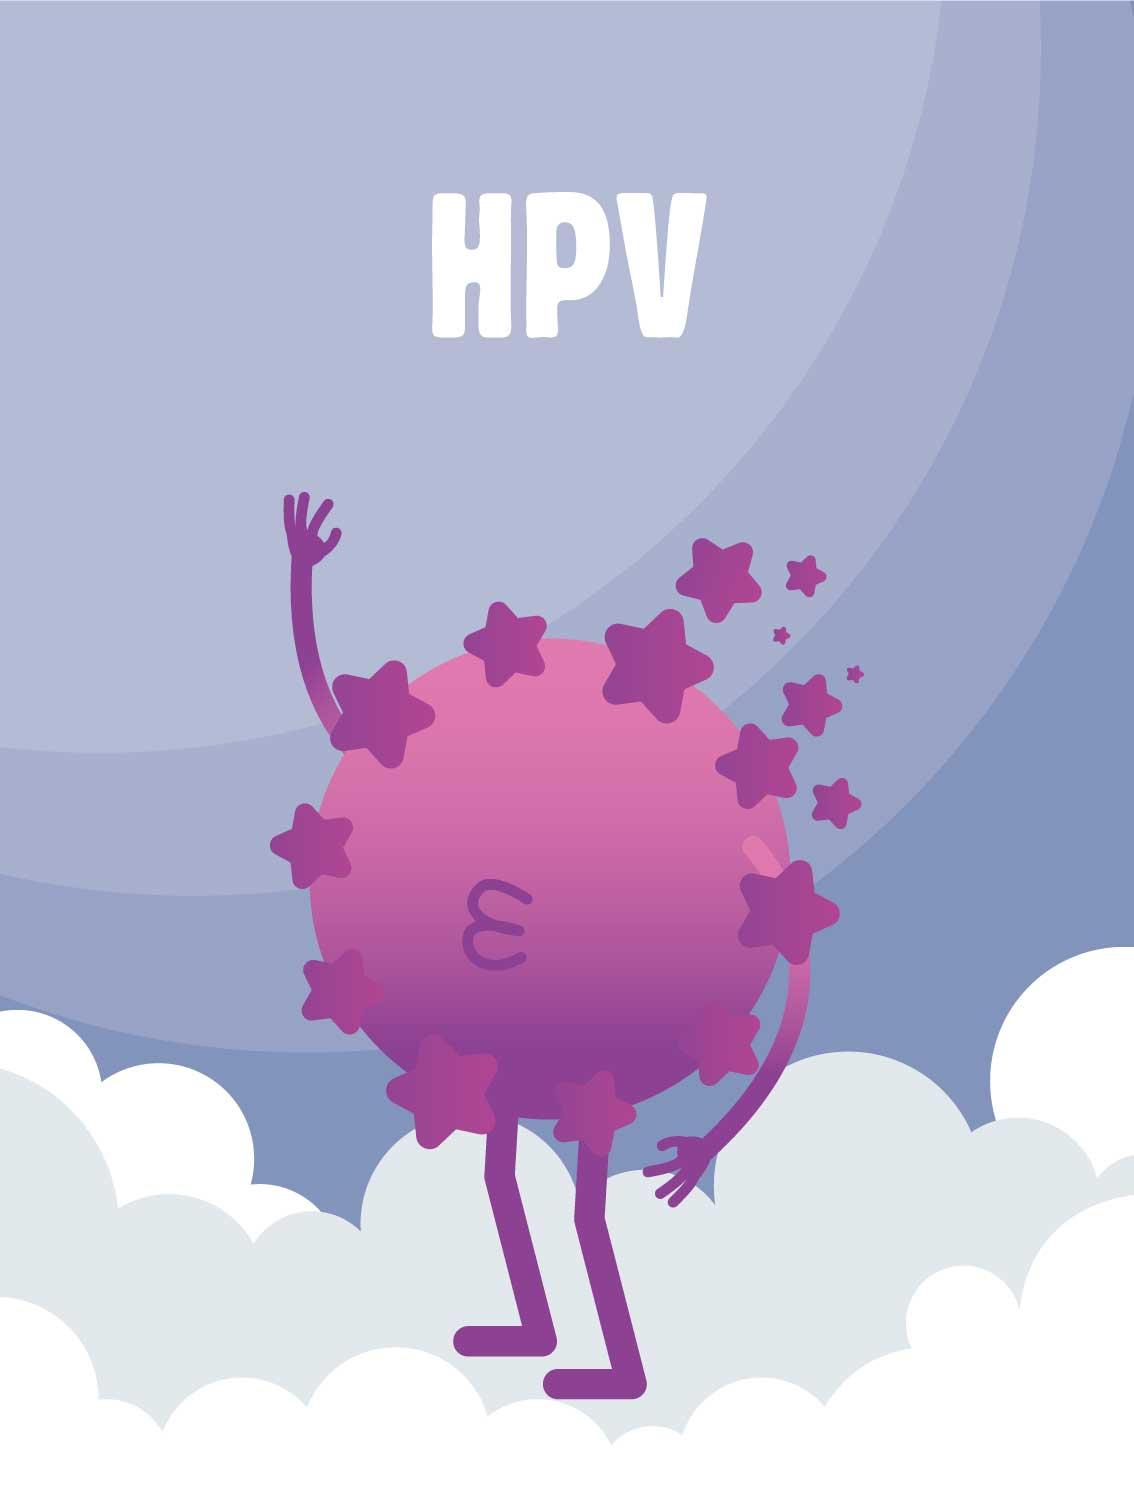 le papillomavirus hpv